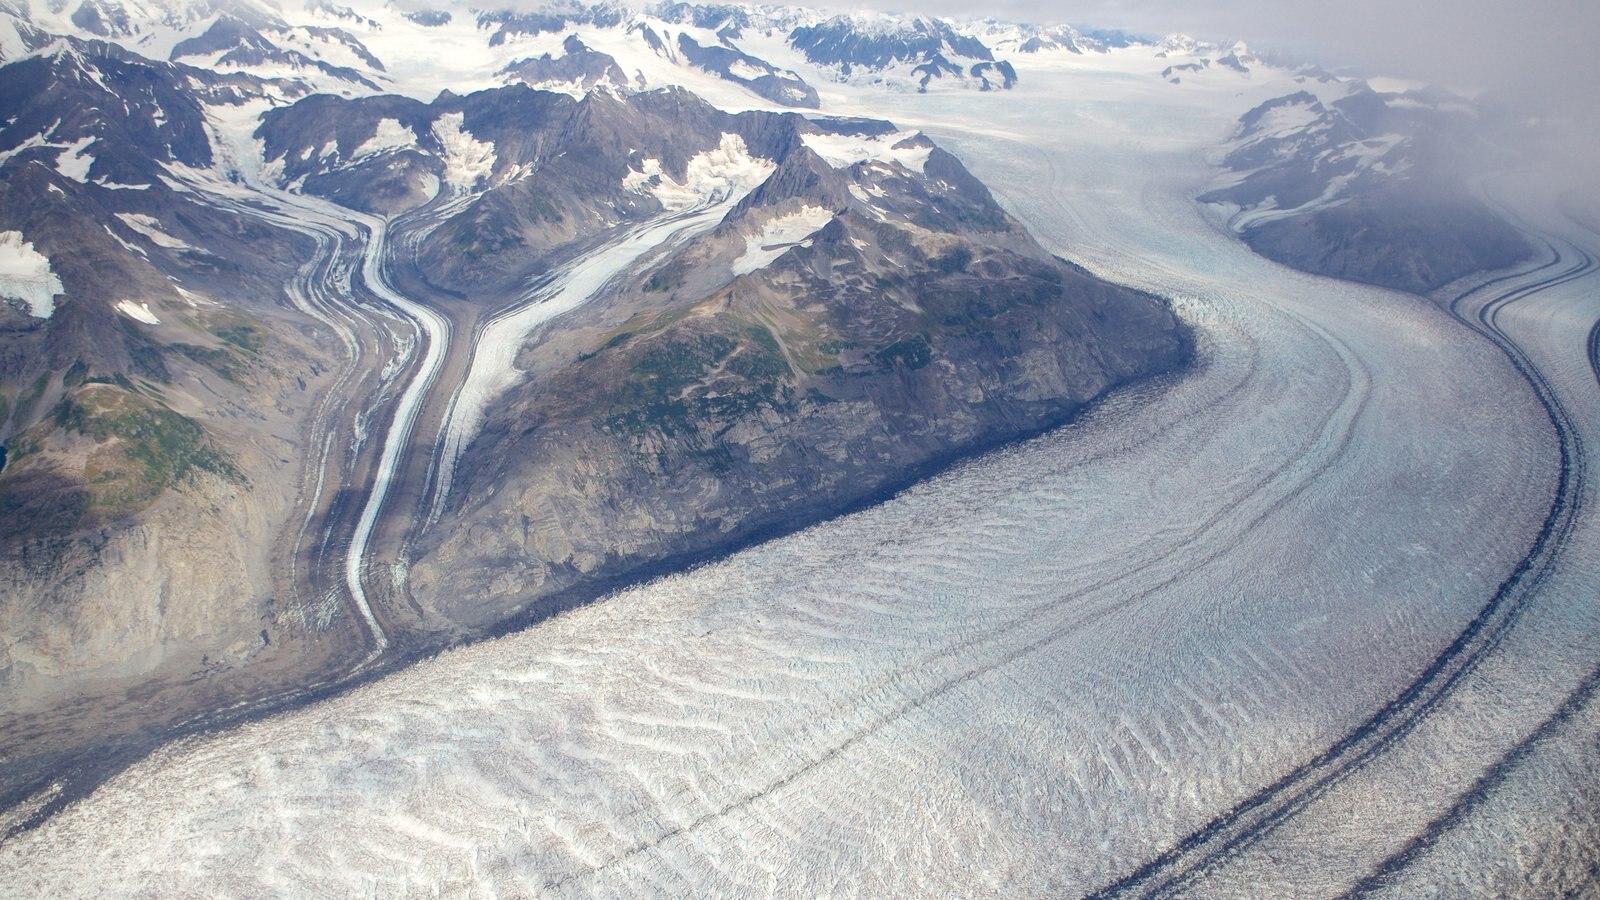 Parque estatal Chugach mostrando nieve y montañas